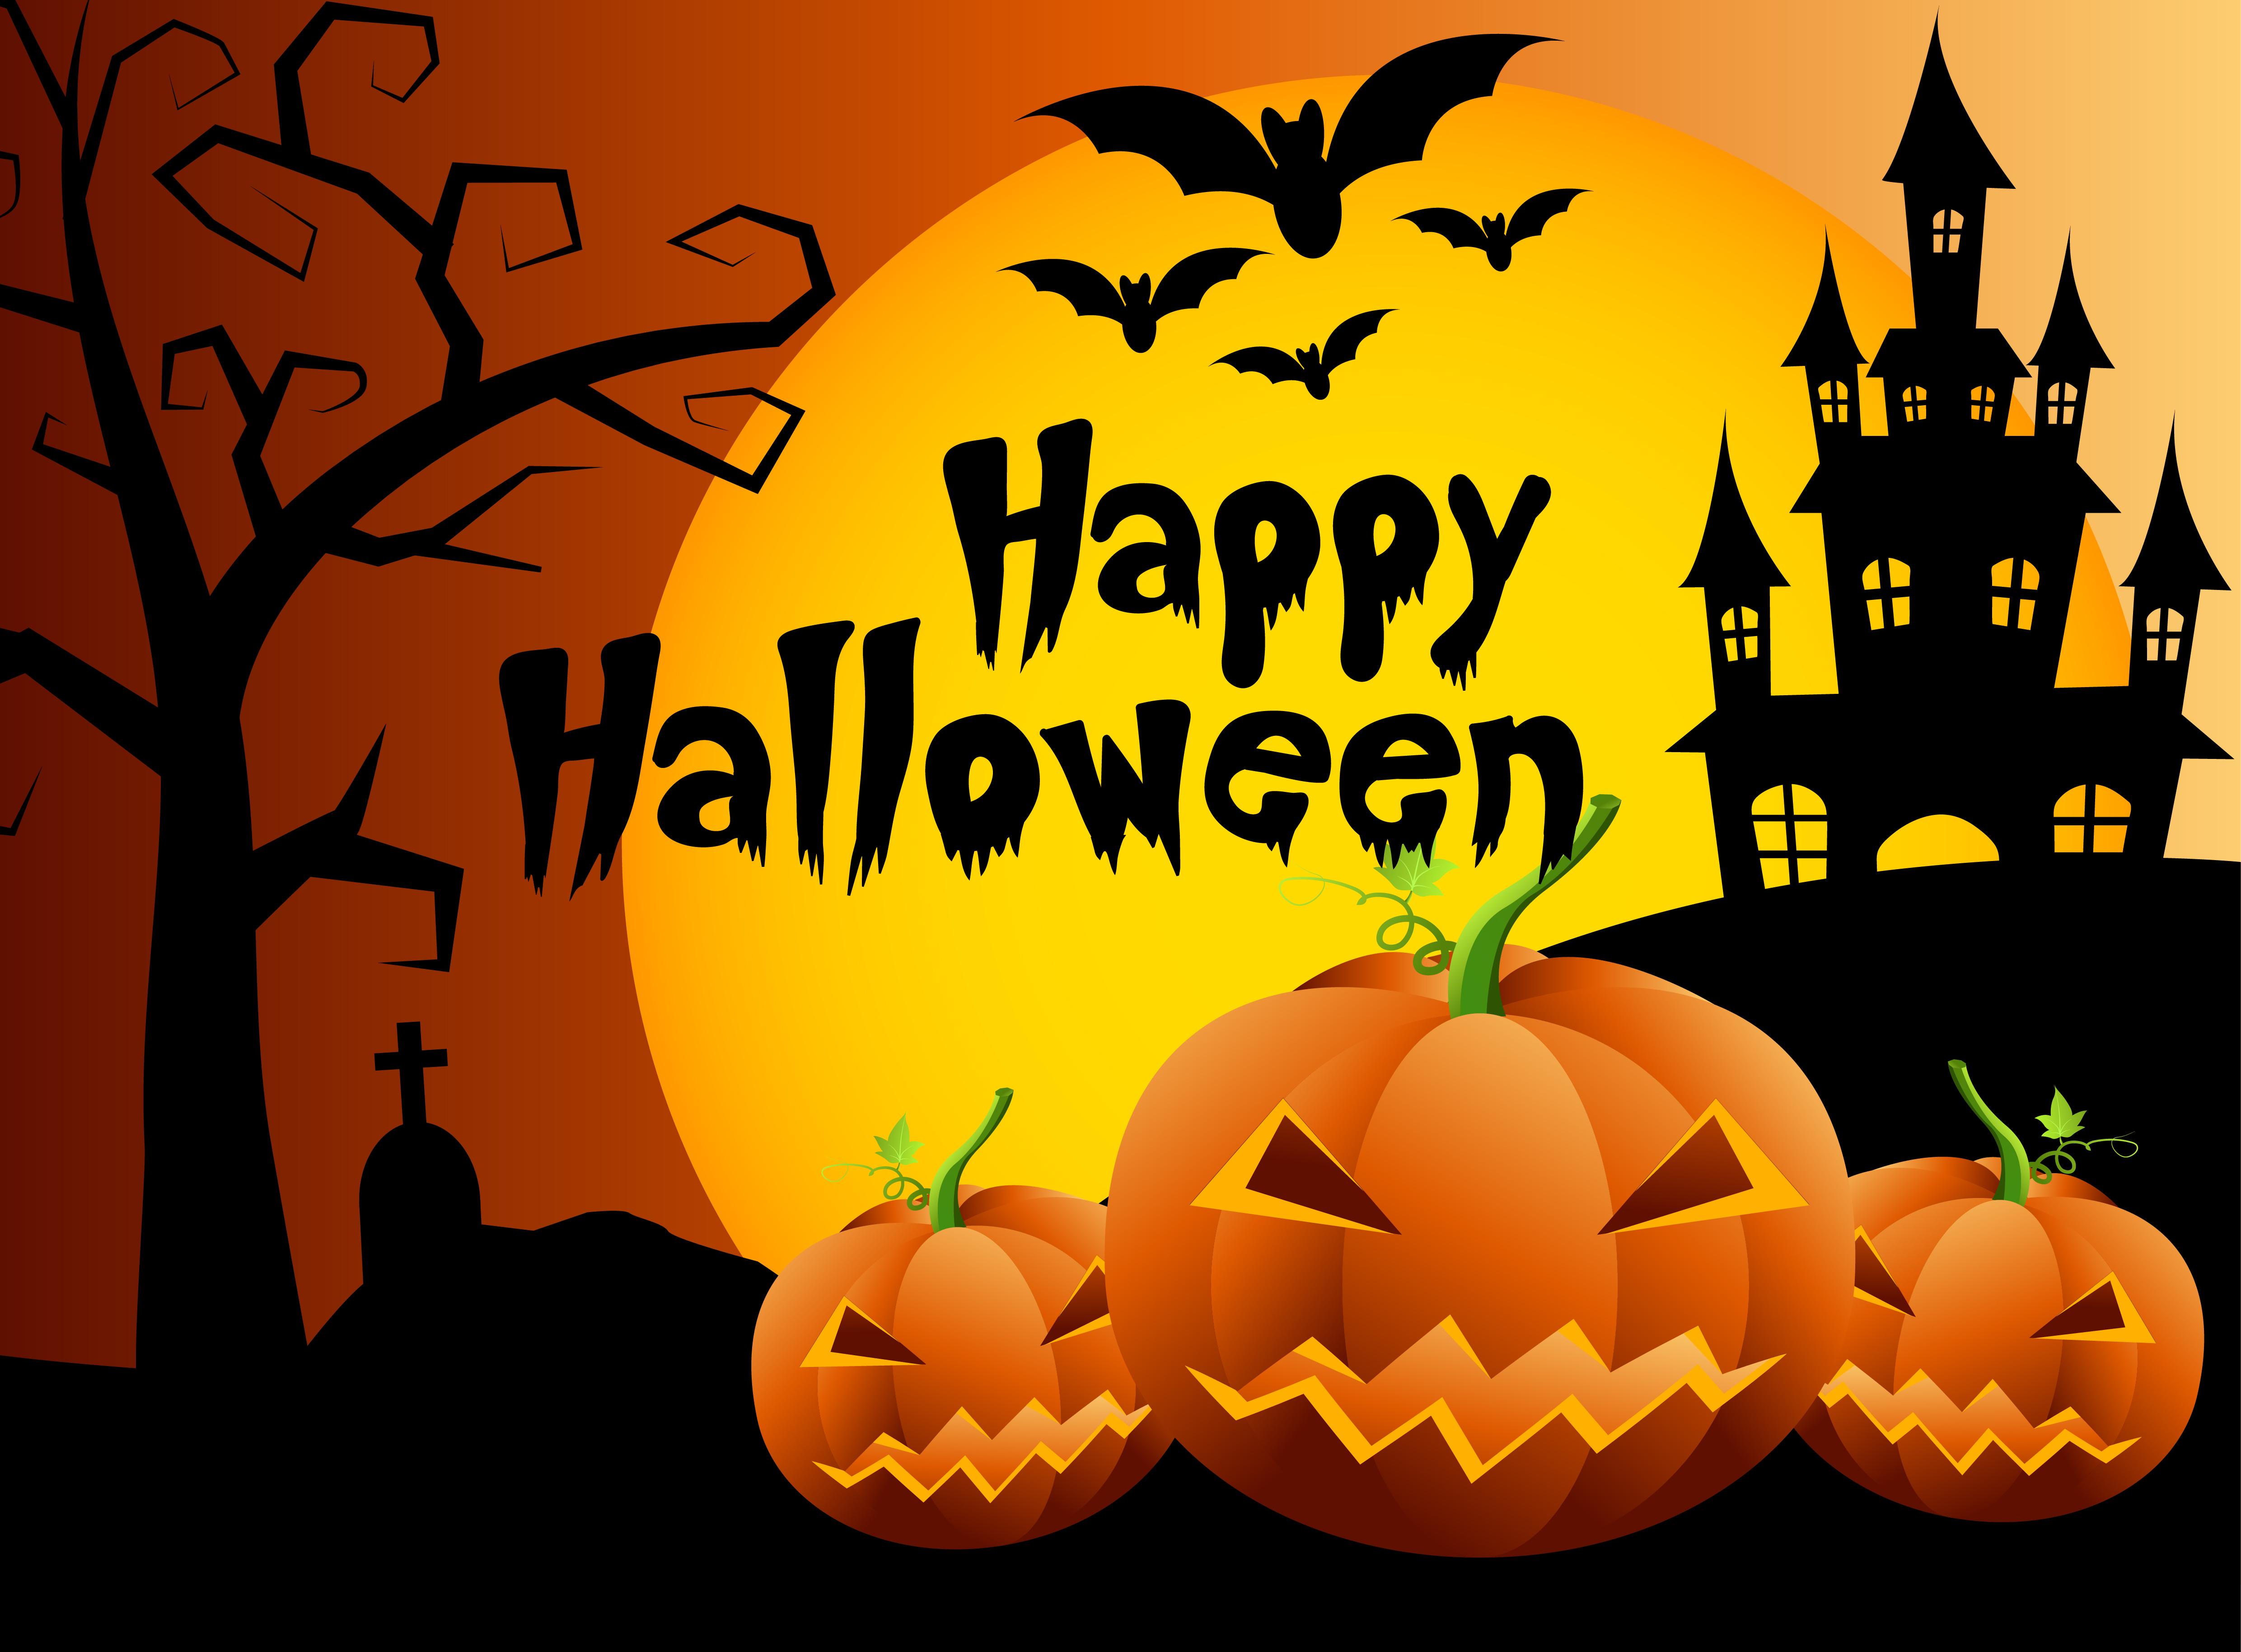 Halloween Pumpkins And Dark Castle On Background Happy Halloween Message Design Illustration Download Free Vectors Clipart Graphics Vector Art